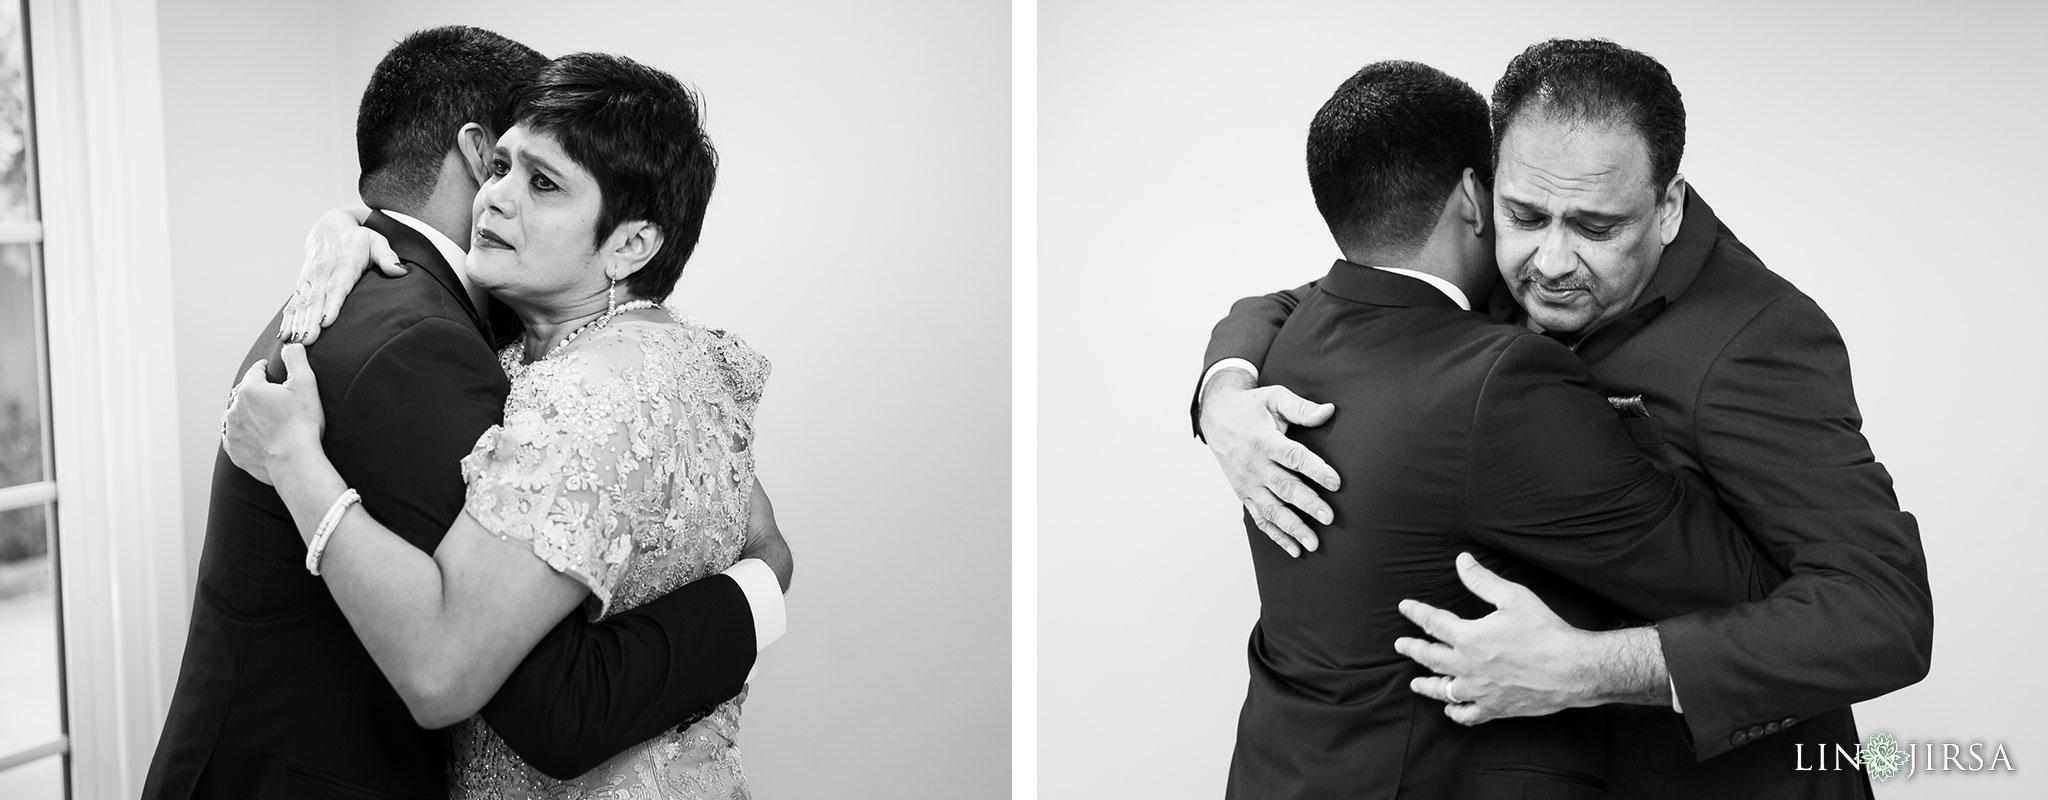 10 Orange County Indian Groom Wedding Photography